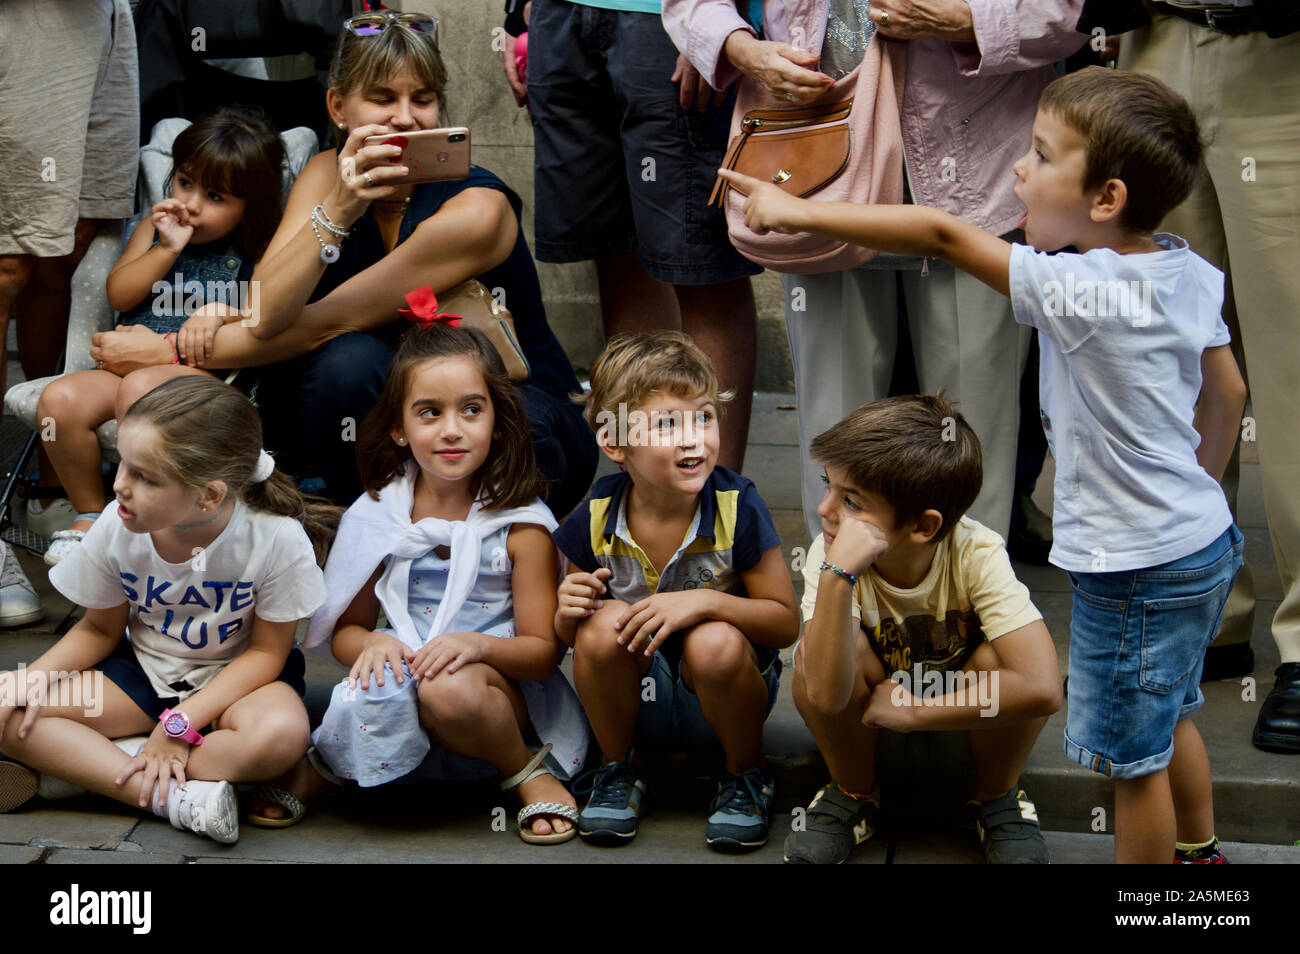 Les enfants de regarder la parade de géants au cours de la Merce 2019 Festival à Plaça de Sant Jaume de Barcelone, Espagne Banque D'Images